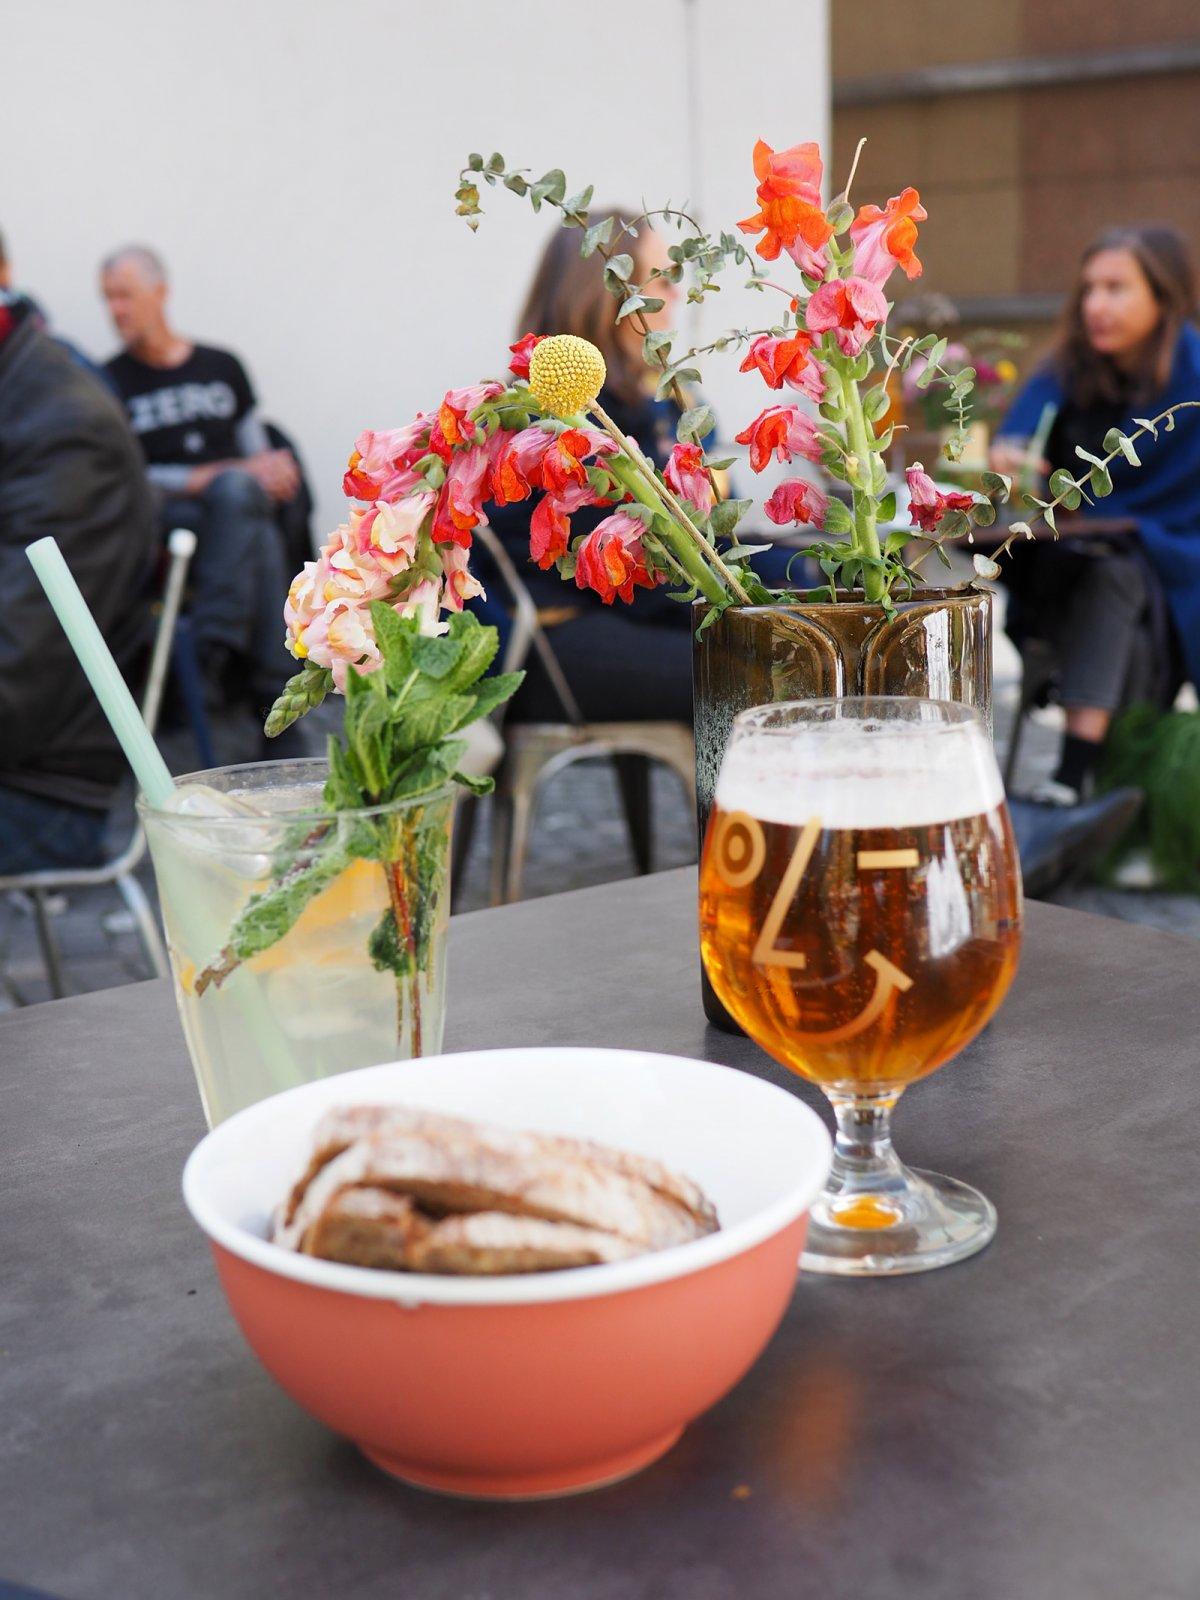 Café des Artisans in Lausanne